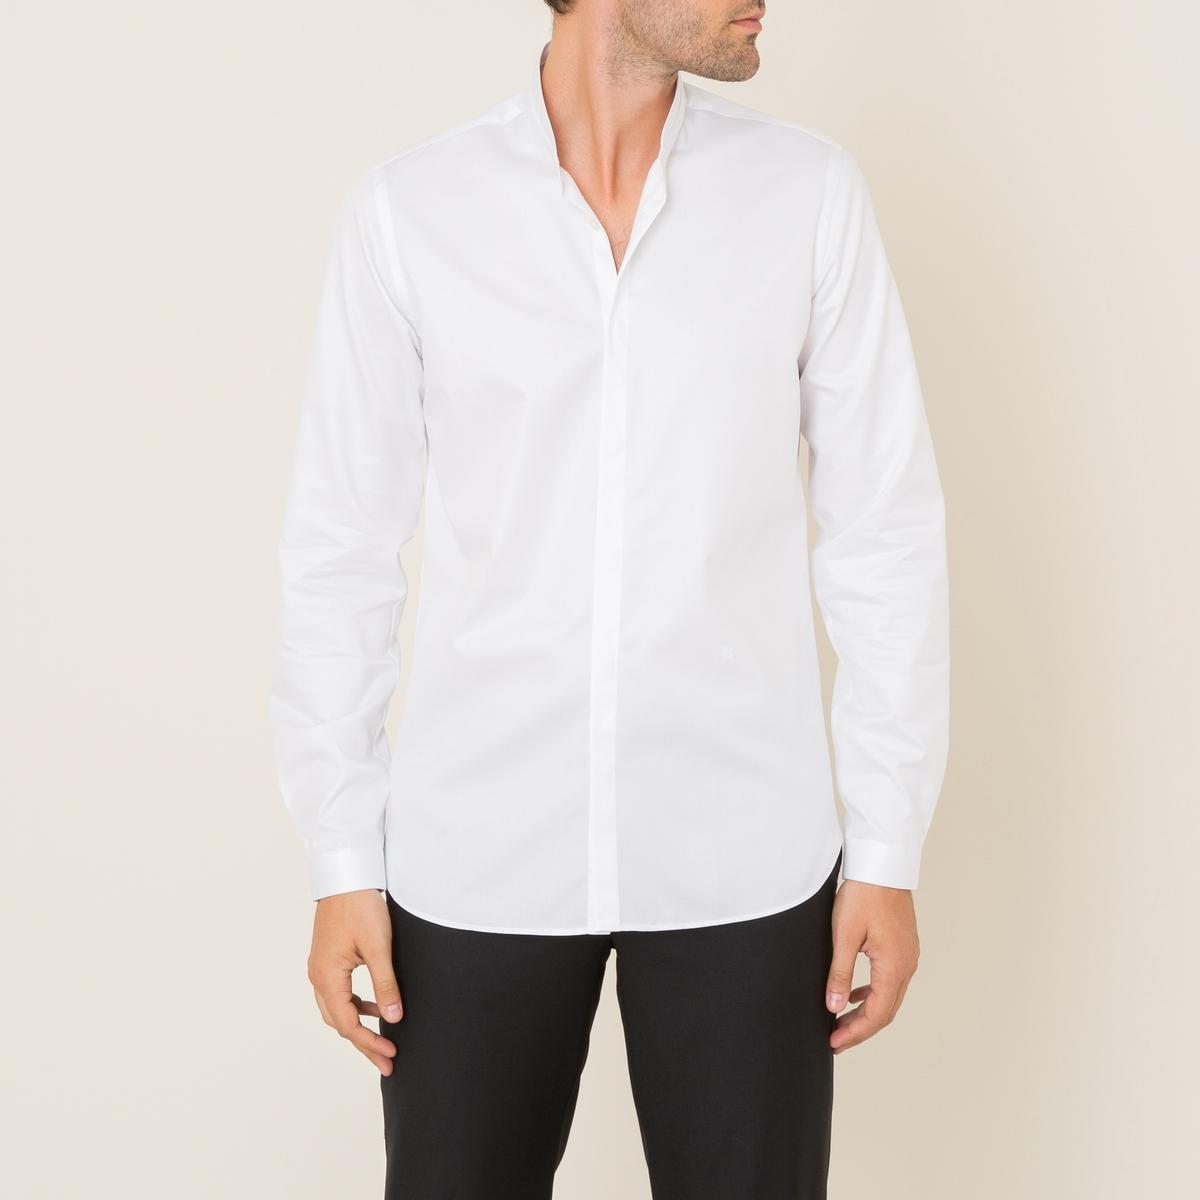 Рубашка из хлопкового твилаРубашка  THE KOOPLES, из хлопкового твила  . Воротник-стойка. Длинные рукава с пуговицами внизу. Застежка на планку с пуговицами . Однотонный вышитый логотип спереди . Легкий облегающий покрой . Состав и описание Материал : 100% хлопокМарка : THE KOOPLES<br><br>Цвет: белый